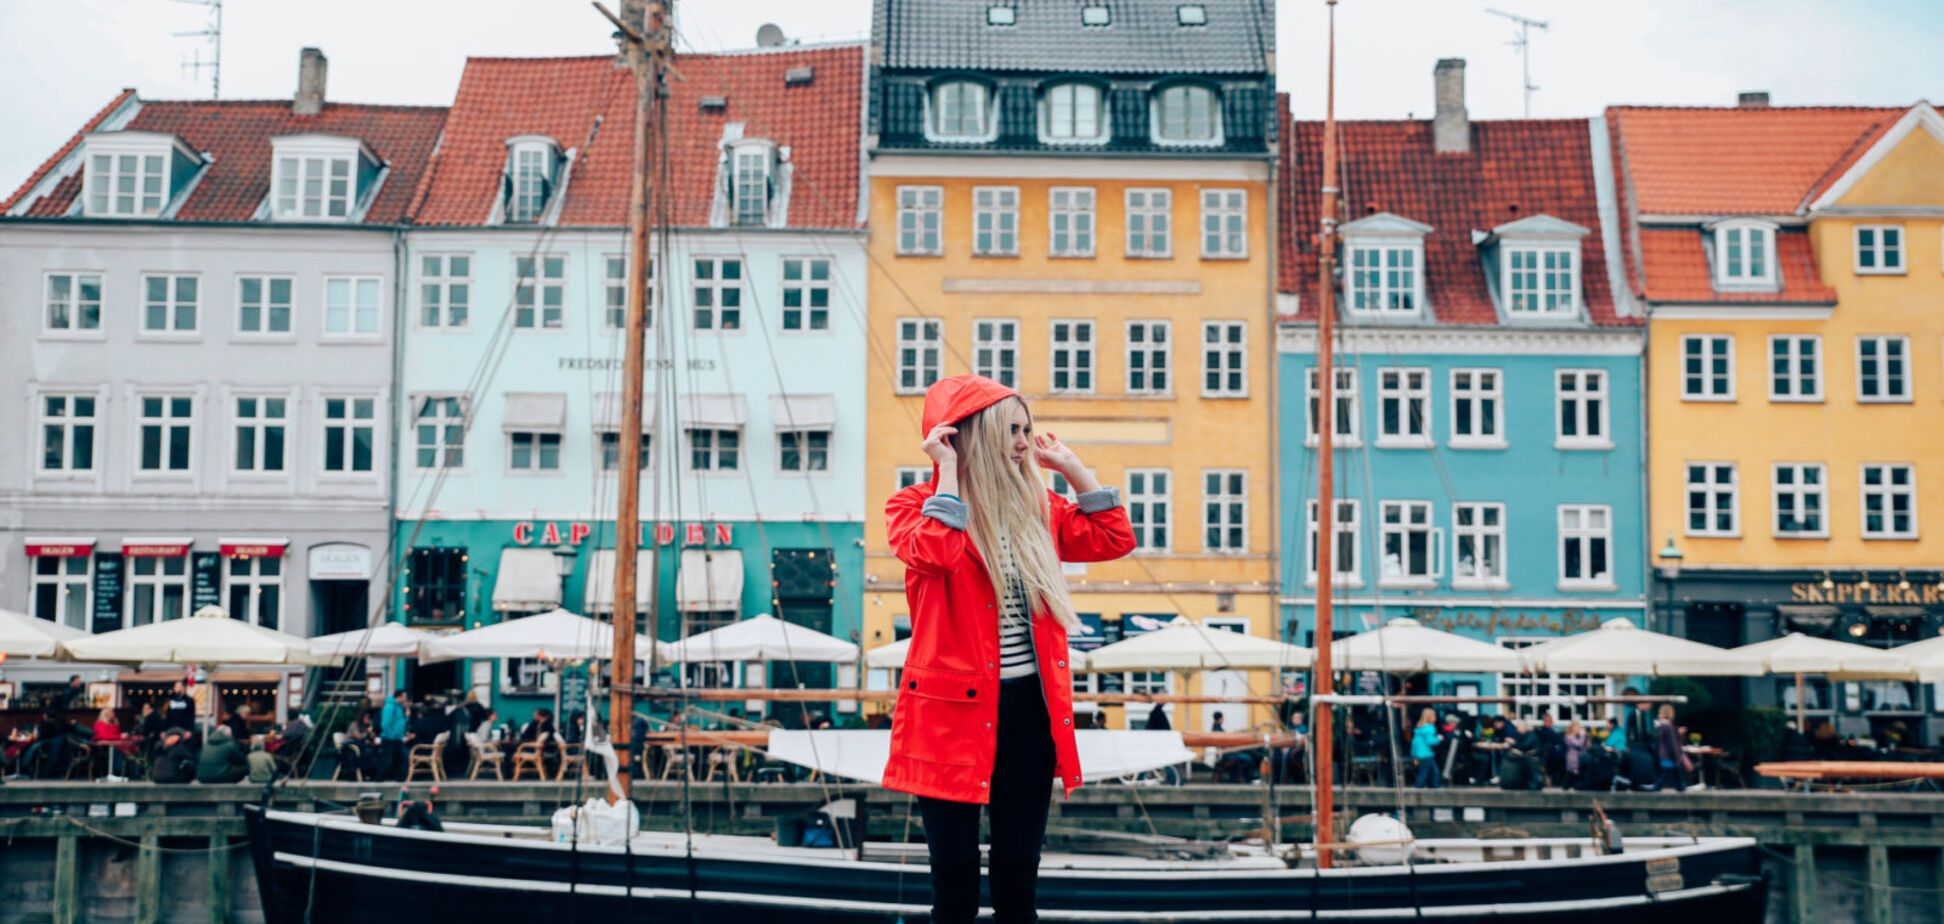 Прозорі стіни і зоровий контакт: архітектор розкрила секрети Копенгагена